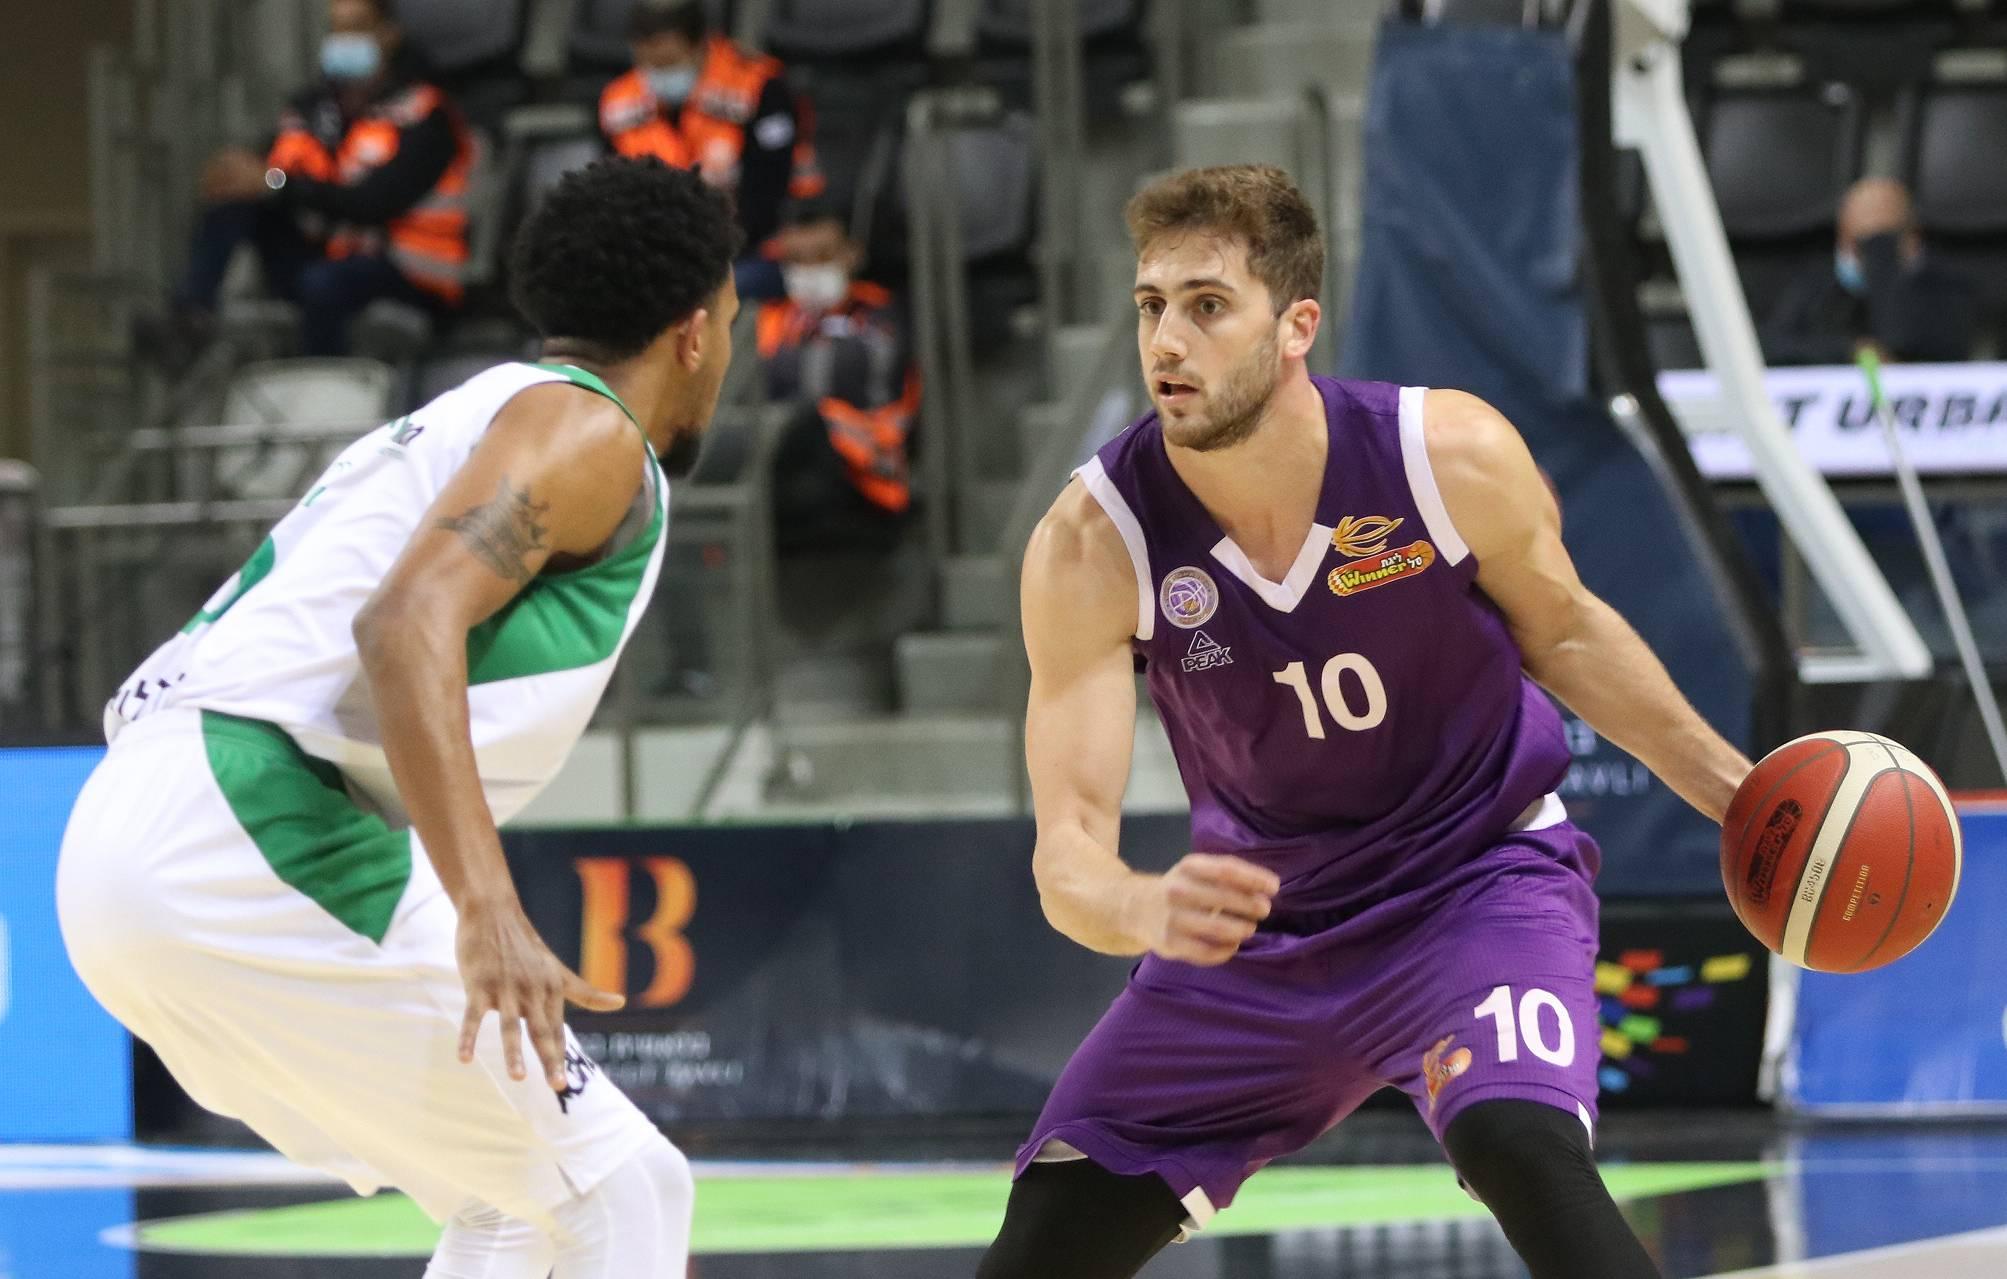 Gilinski with the ball